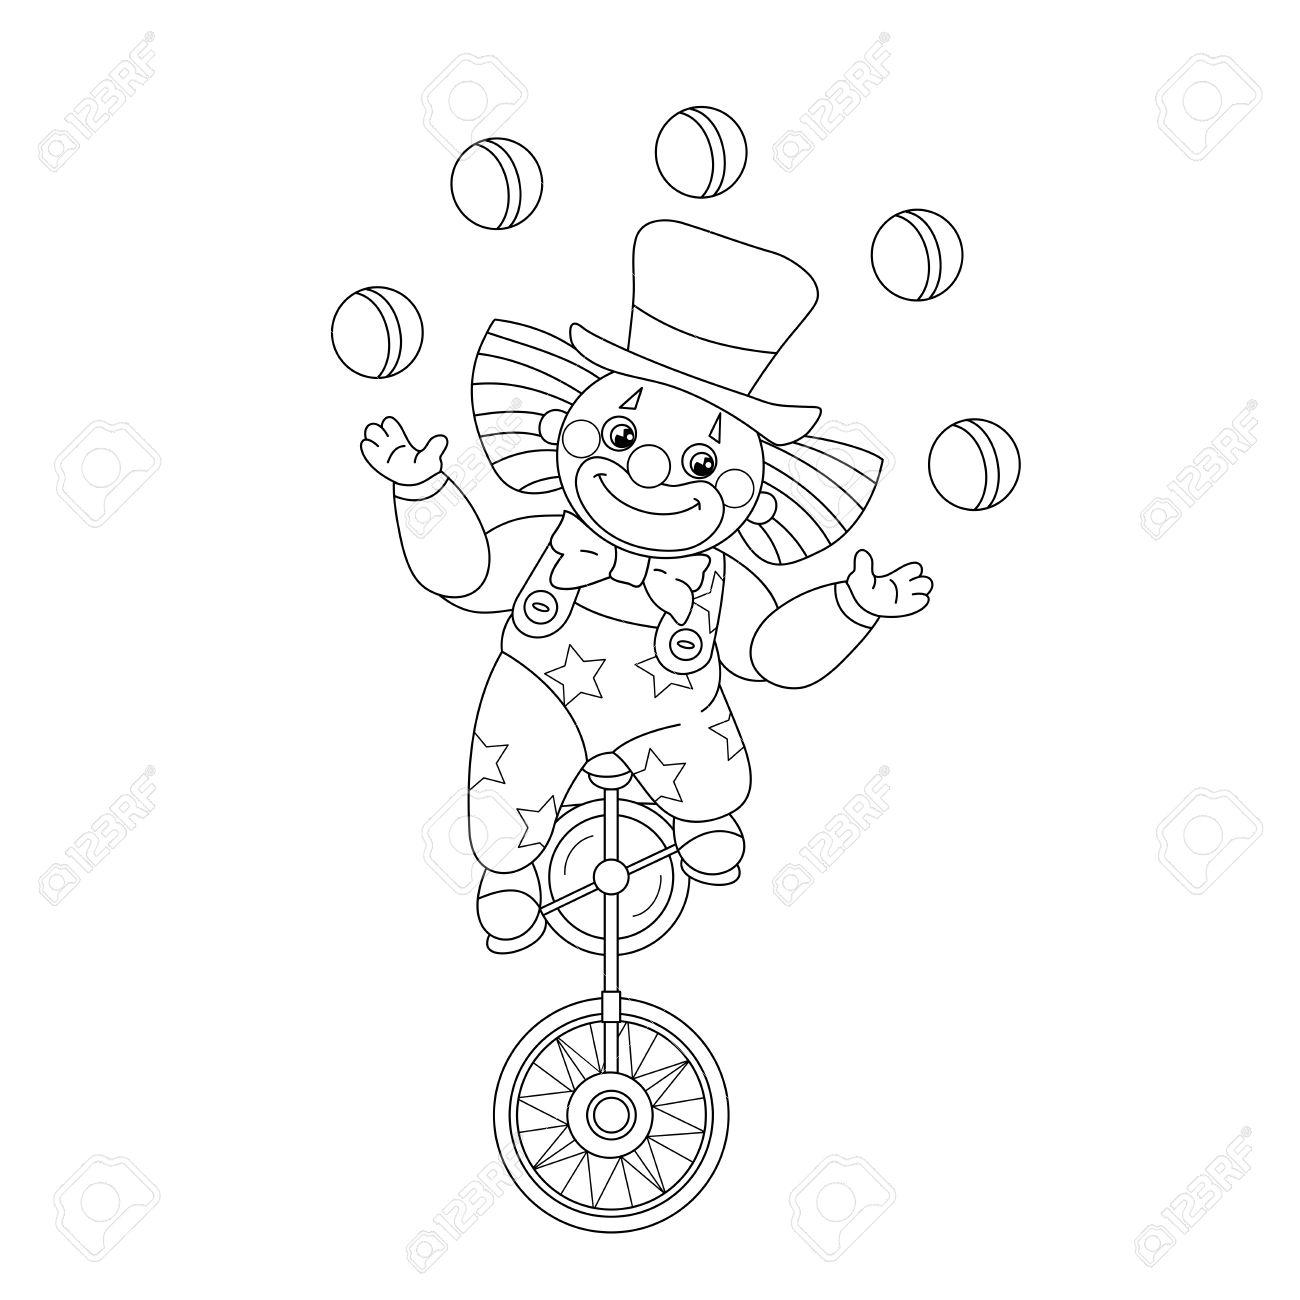 Coloriage Clown Drole.Coloriage Contour D Un Drole De Clown Balles De Jonglage Livre De Coloriage Pour Les Enfants